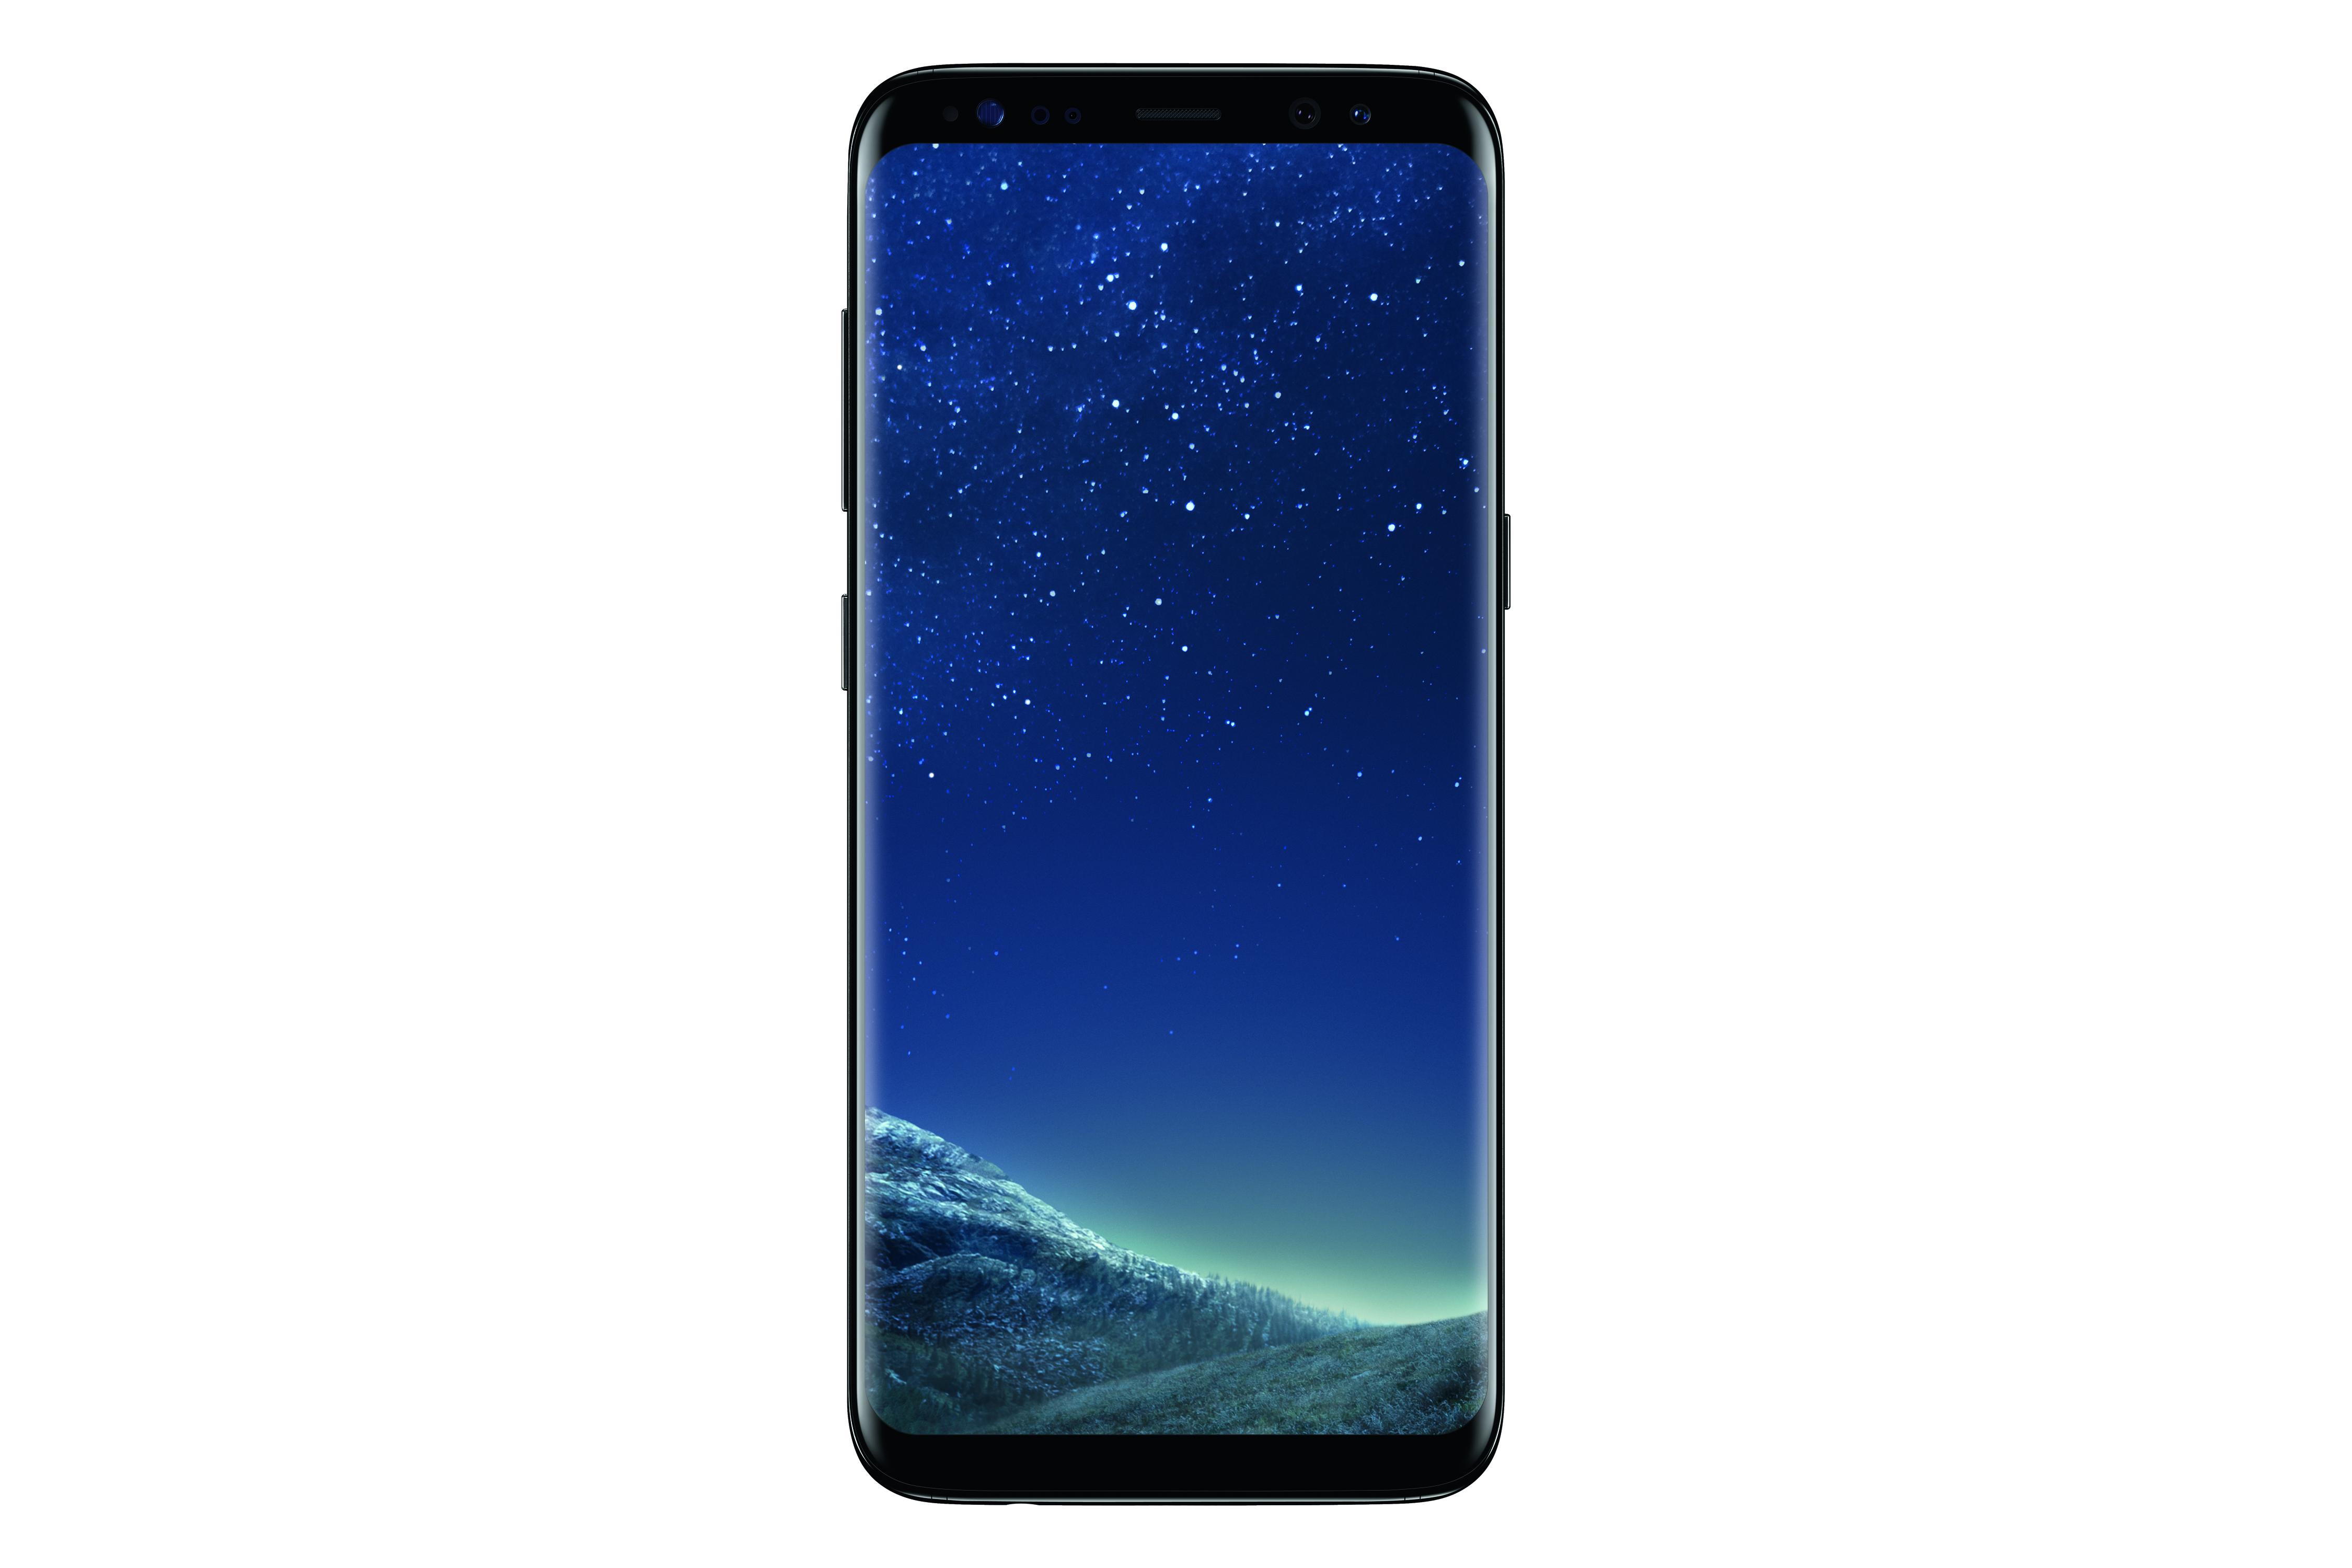 Das neue Samsung Galaxy S8 SM-G950F in Mitternachts-Schwarz